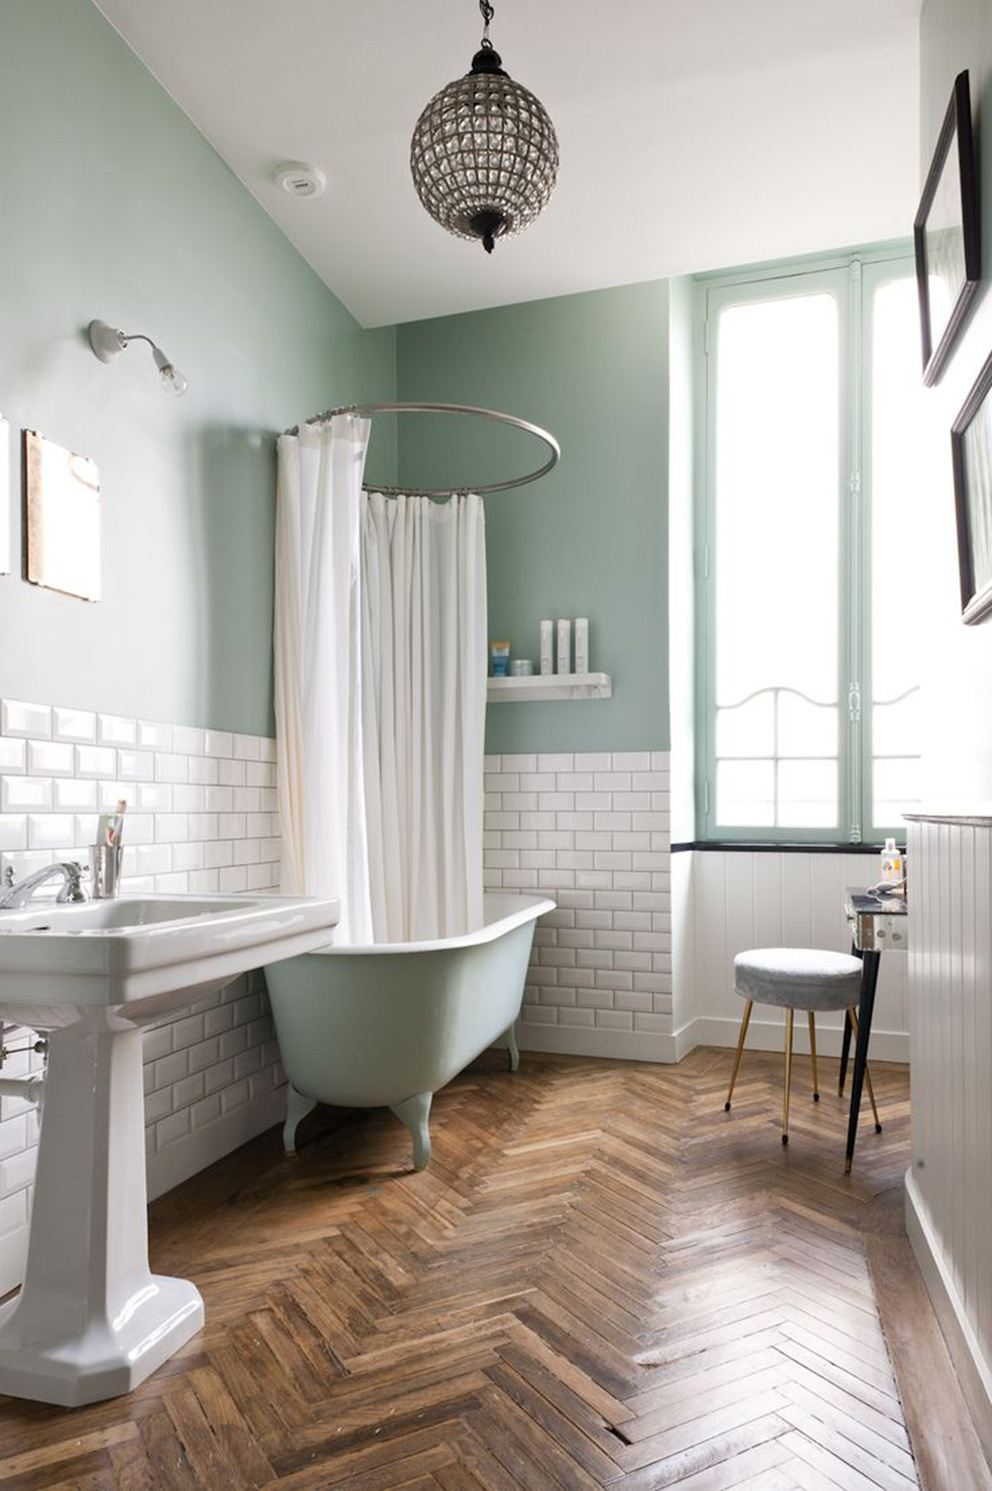 Bathroom with herringbone wood floor